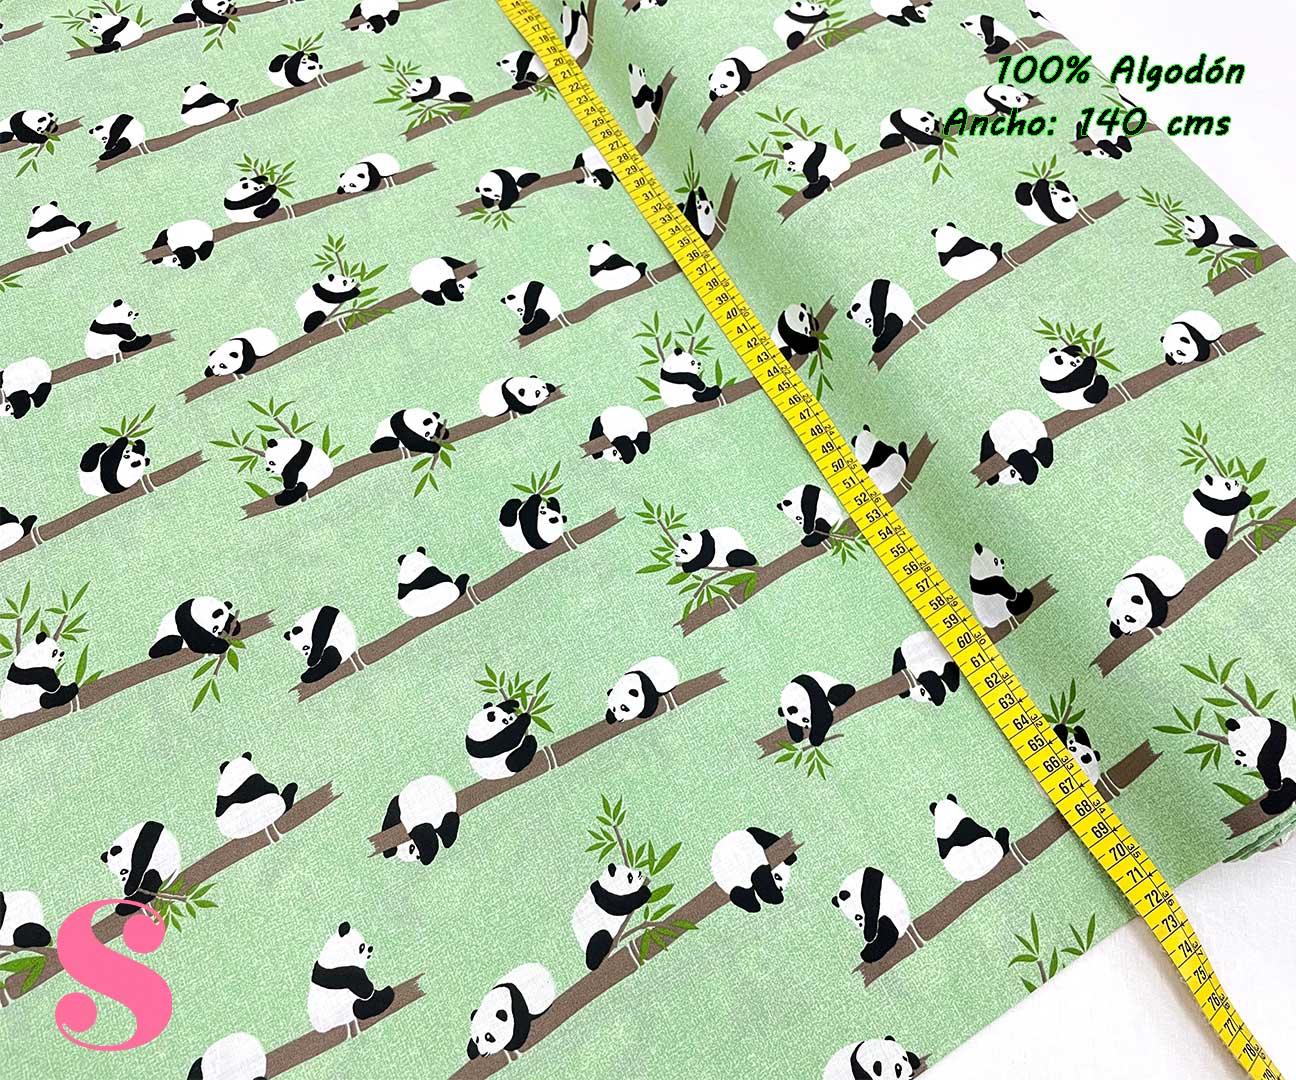 9-telas-estampadas-animales,telas-con-estampados-de-primavera,telas-con-estampados-osos-panda,telas-infantiles,Tejido Estampado Osos Panda